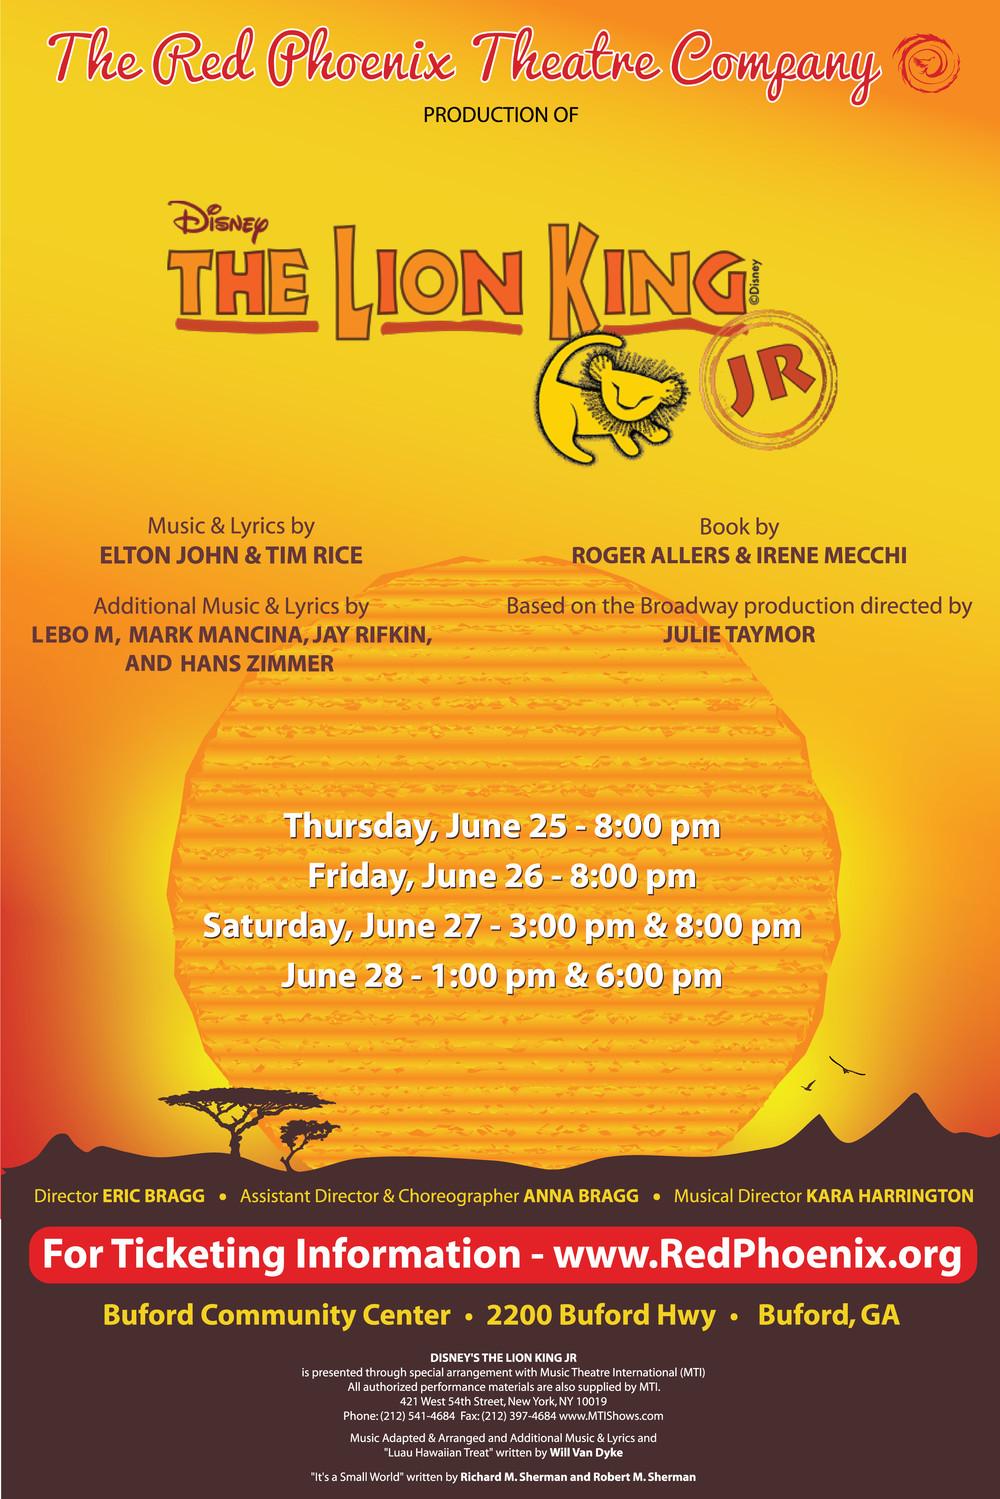 LionKing_poster6.jpg